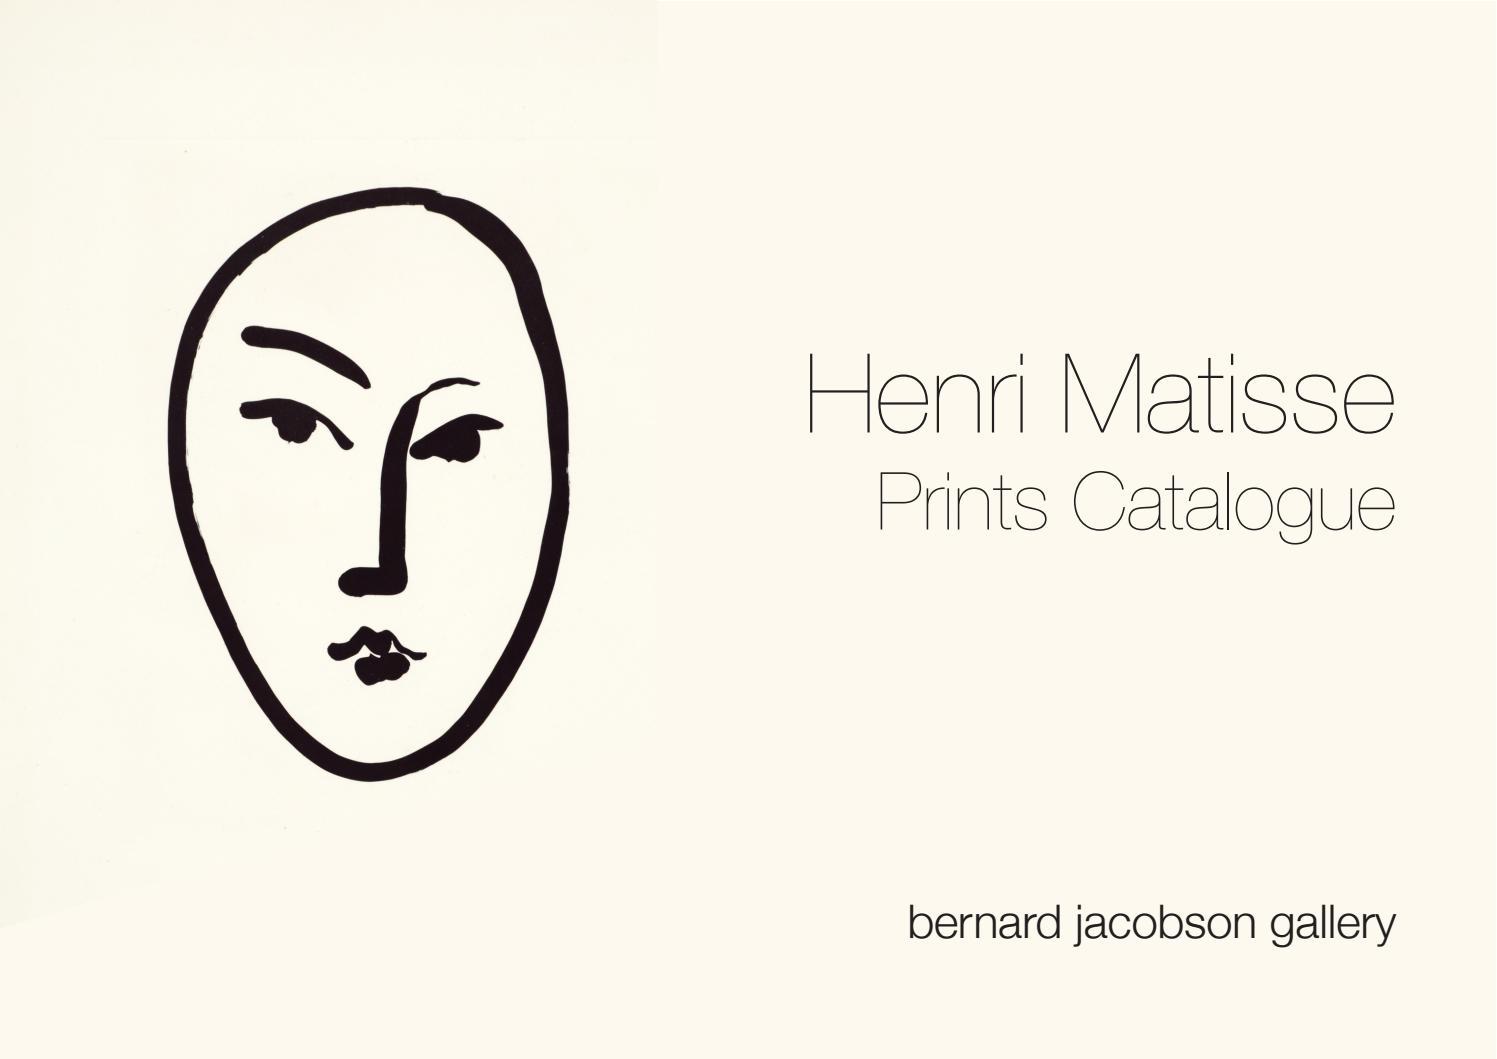 Henri Matisse Prints By Bernard Jacobson Gallery Issuu